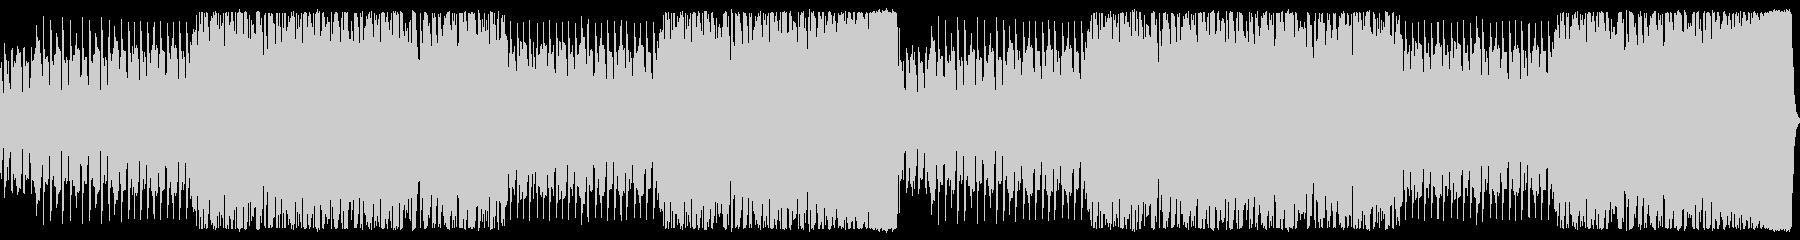 オーケストラによる戦闘用BGMの未再生の波形